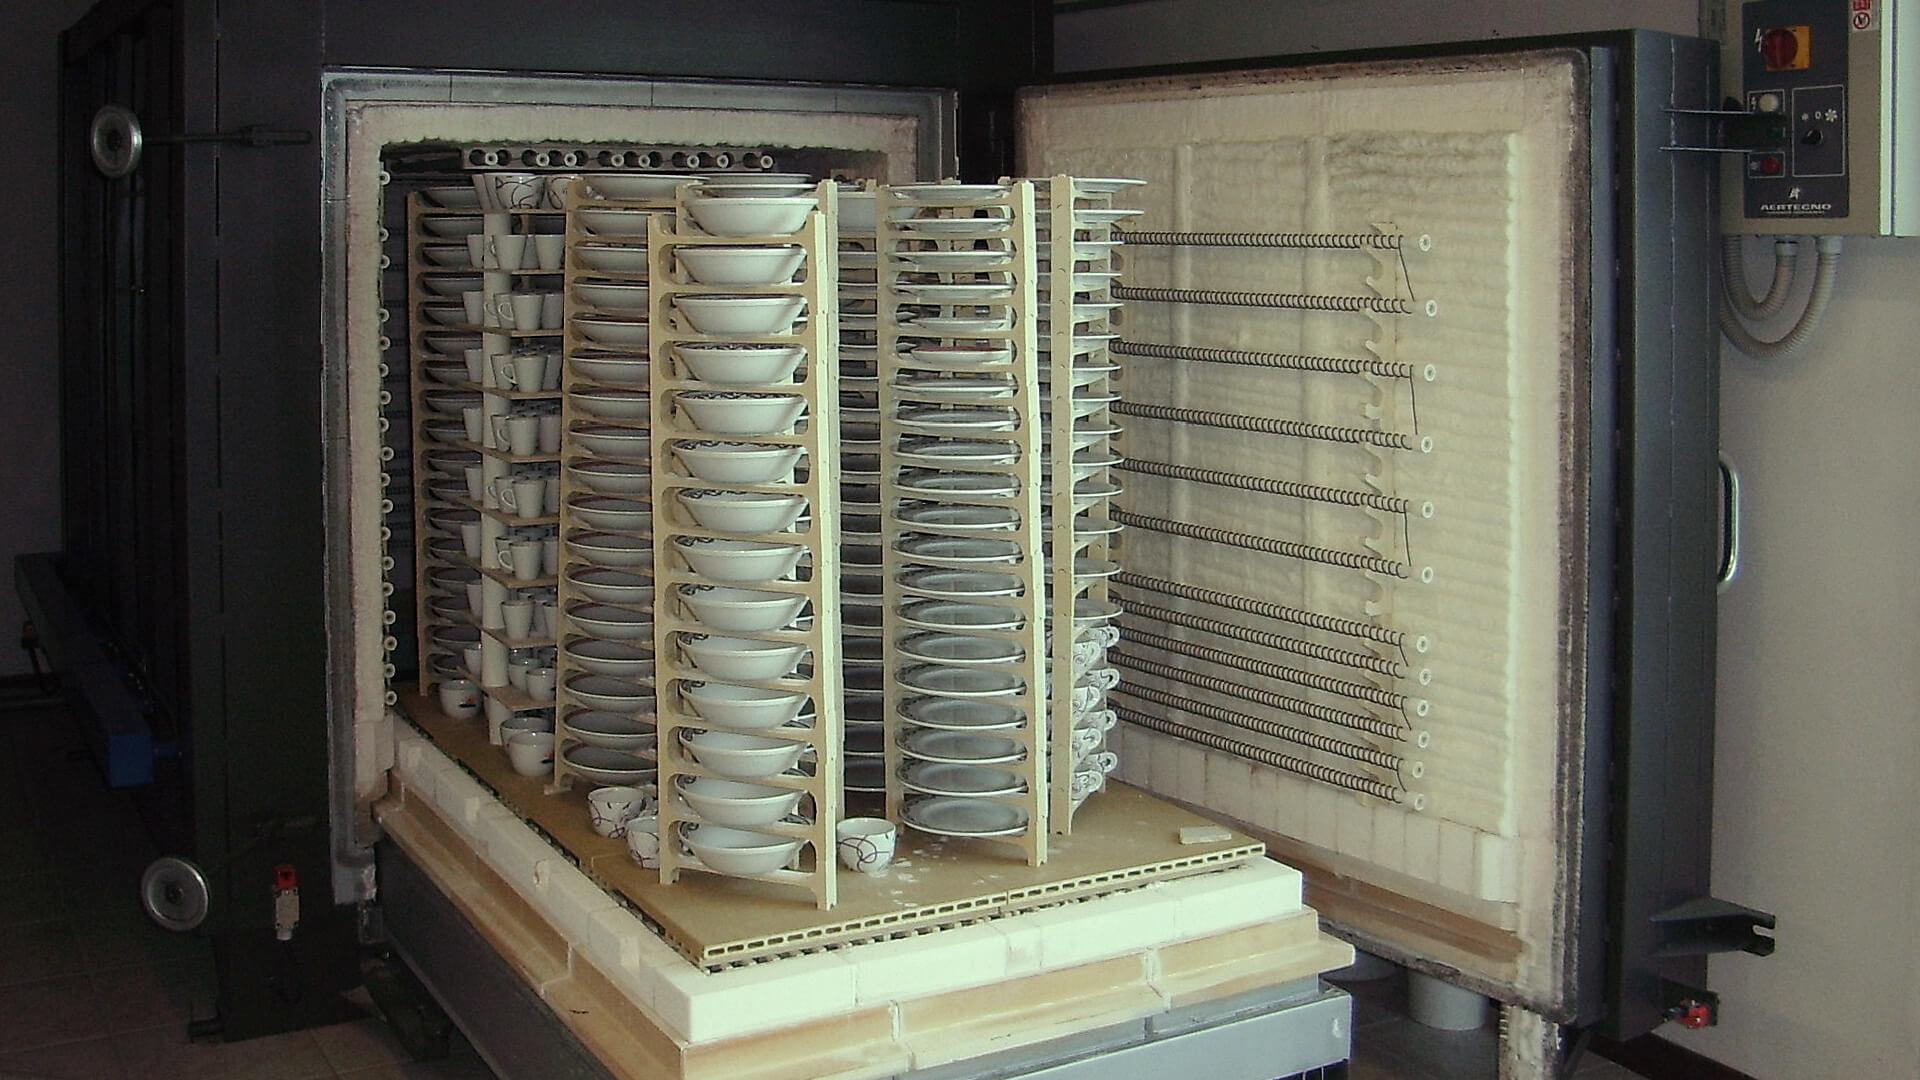 Forno industriale per Forno per produzione di stoviglieria alberghiera | Pagnotta Termomeccanica